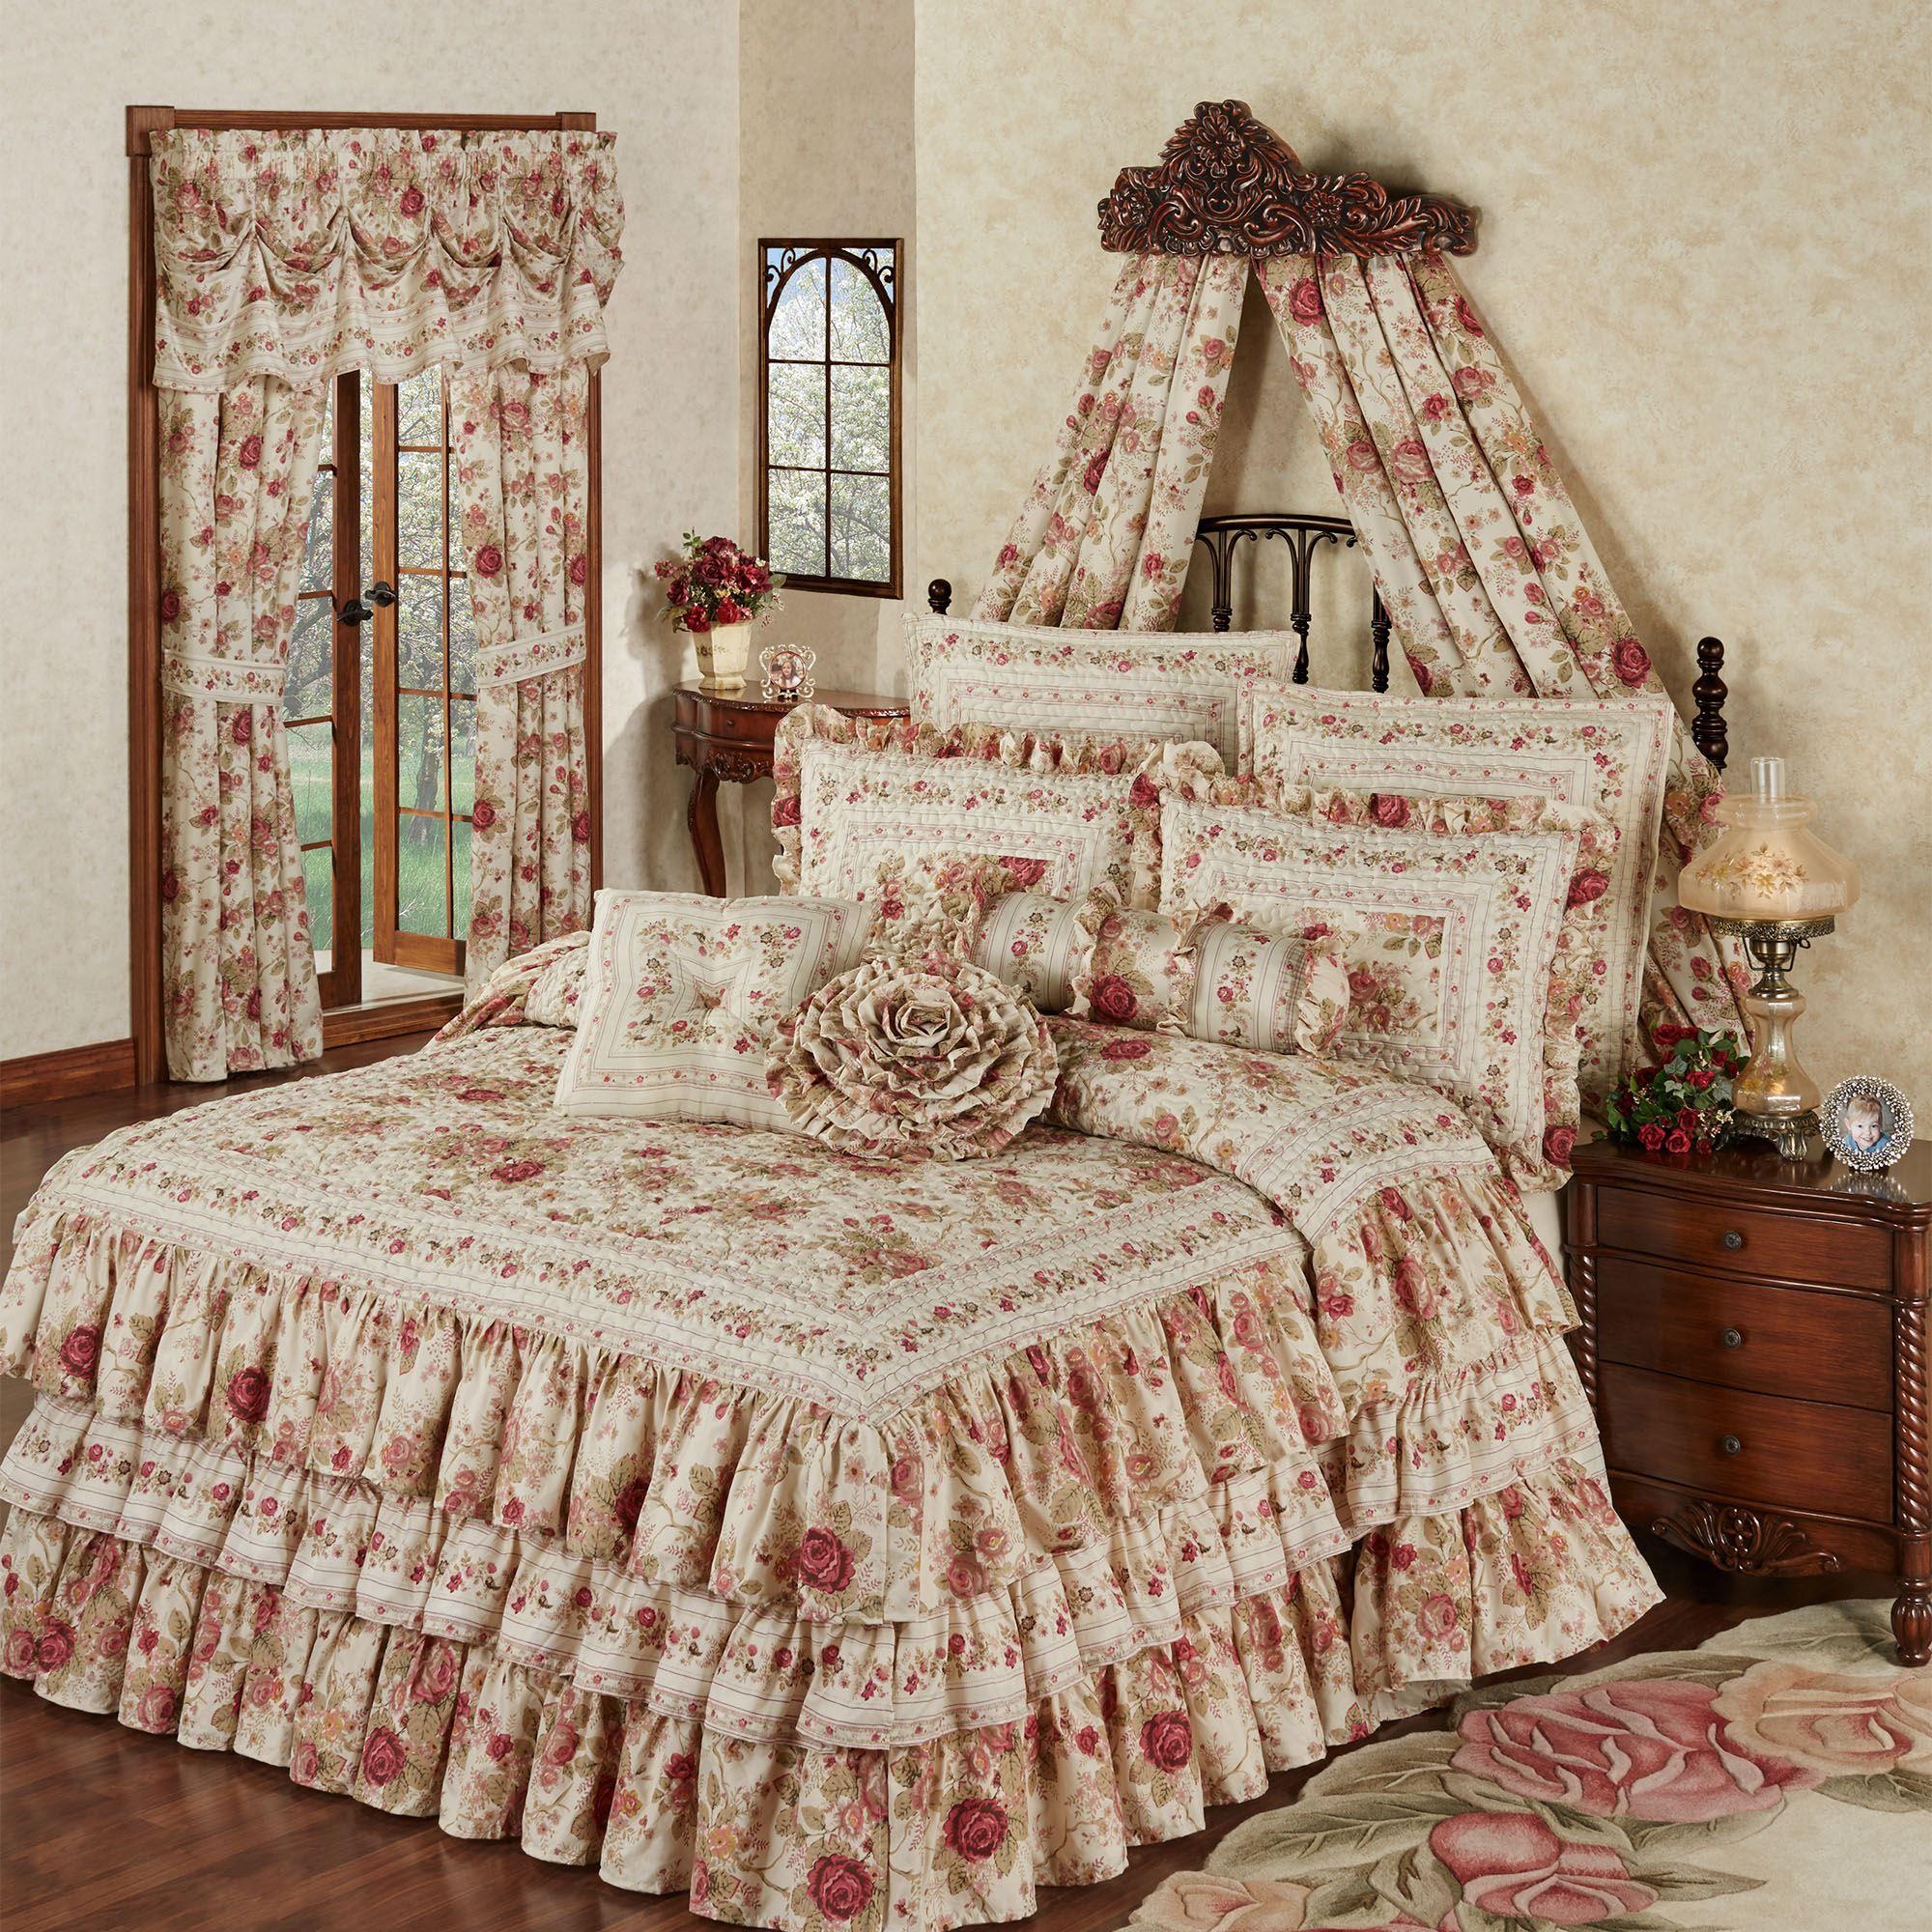 Heirloom Rose Floral Ruffled Grande Bedspread